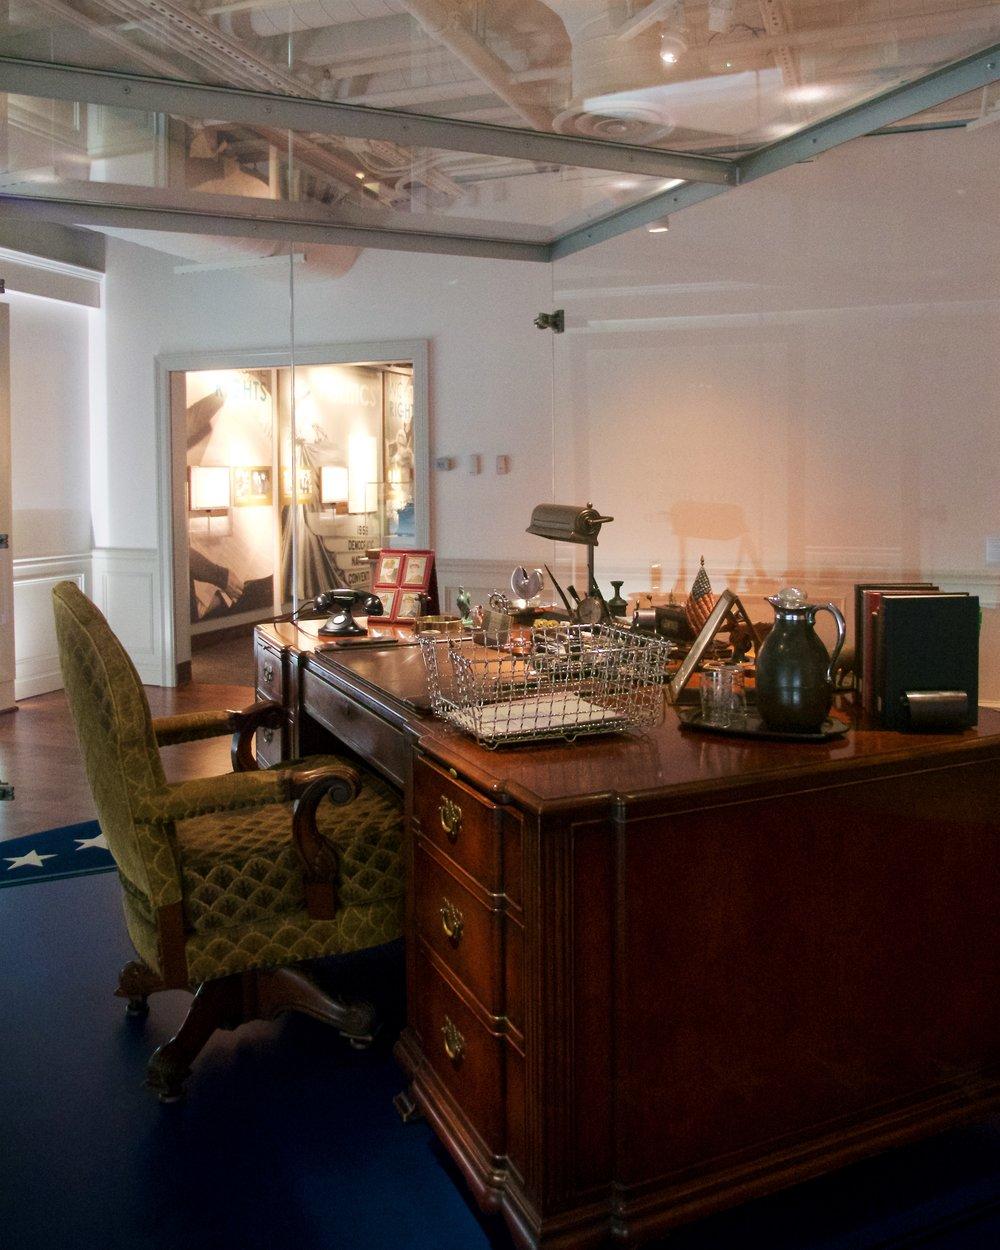 FDR's Oval Office desk